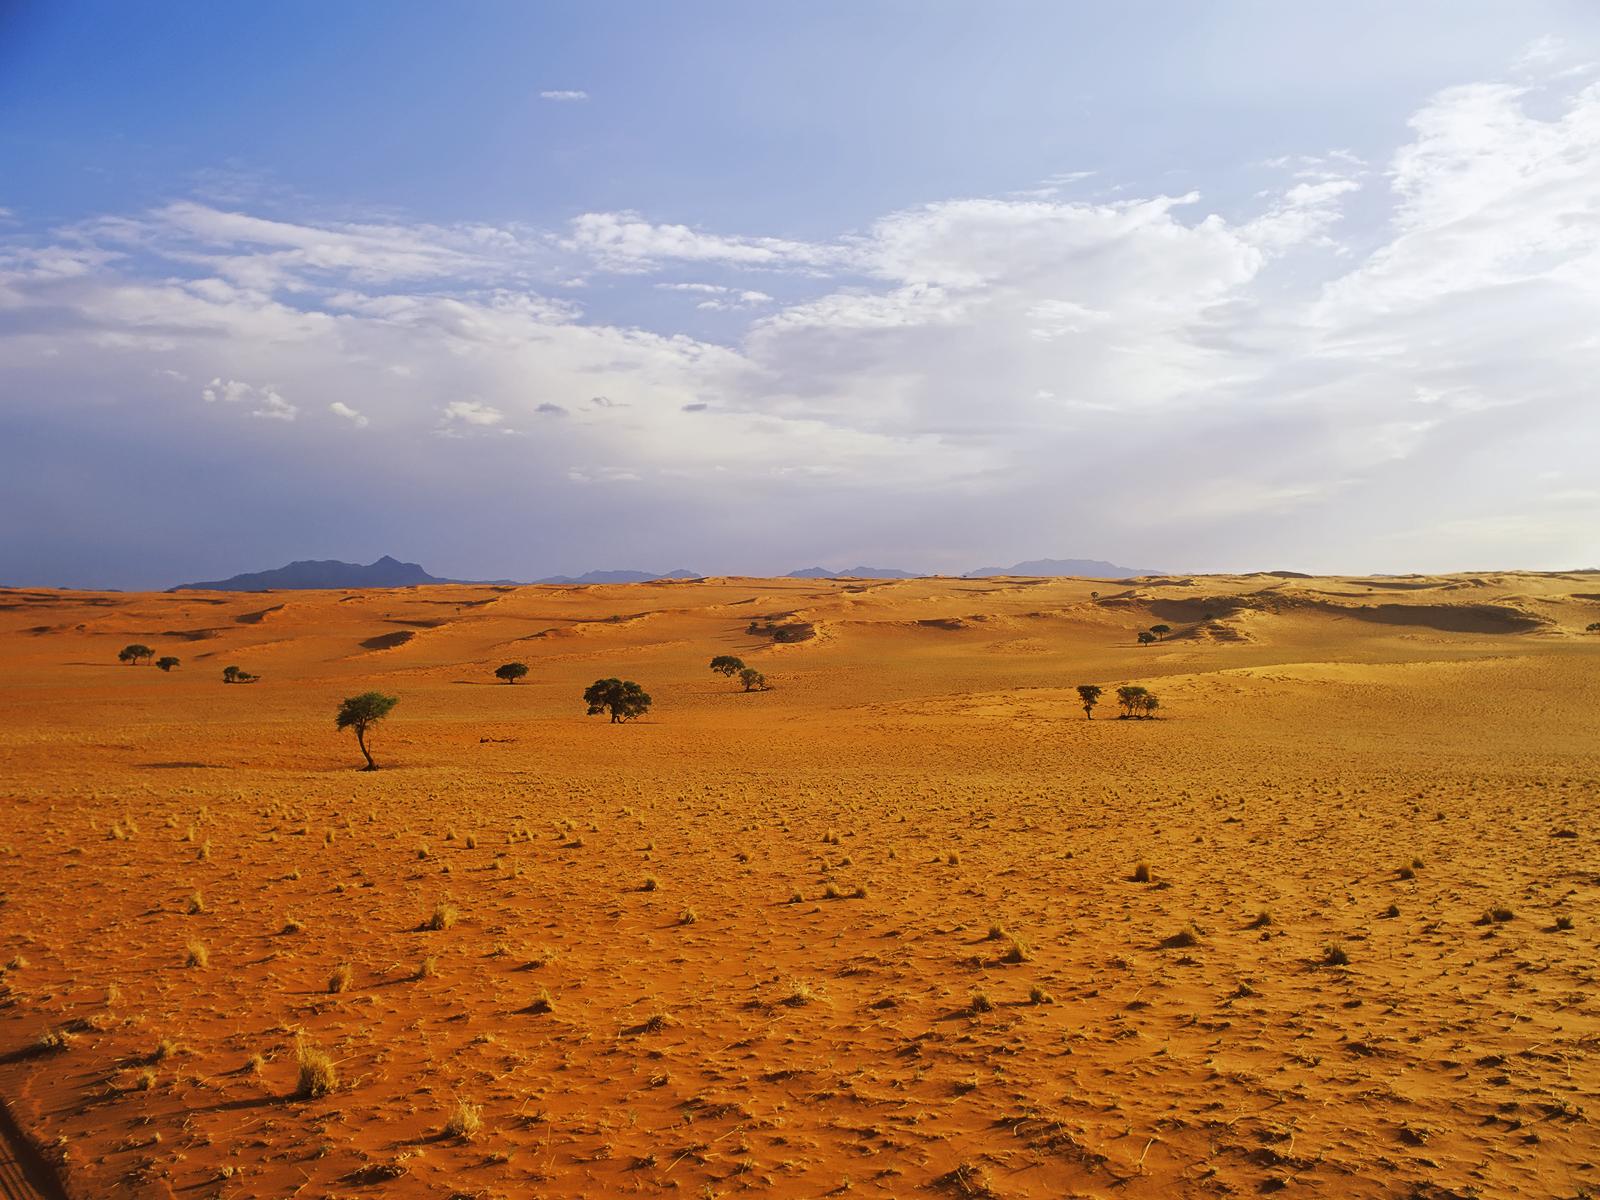 desert landscape wallpaper - photo #34